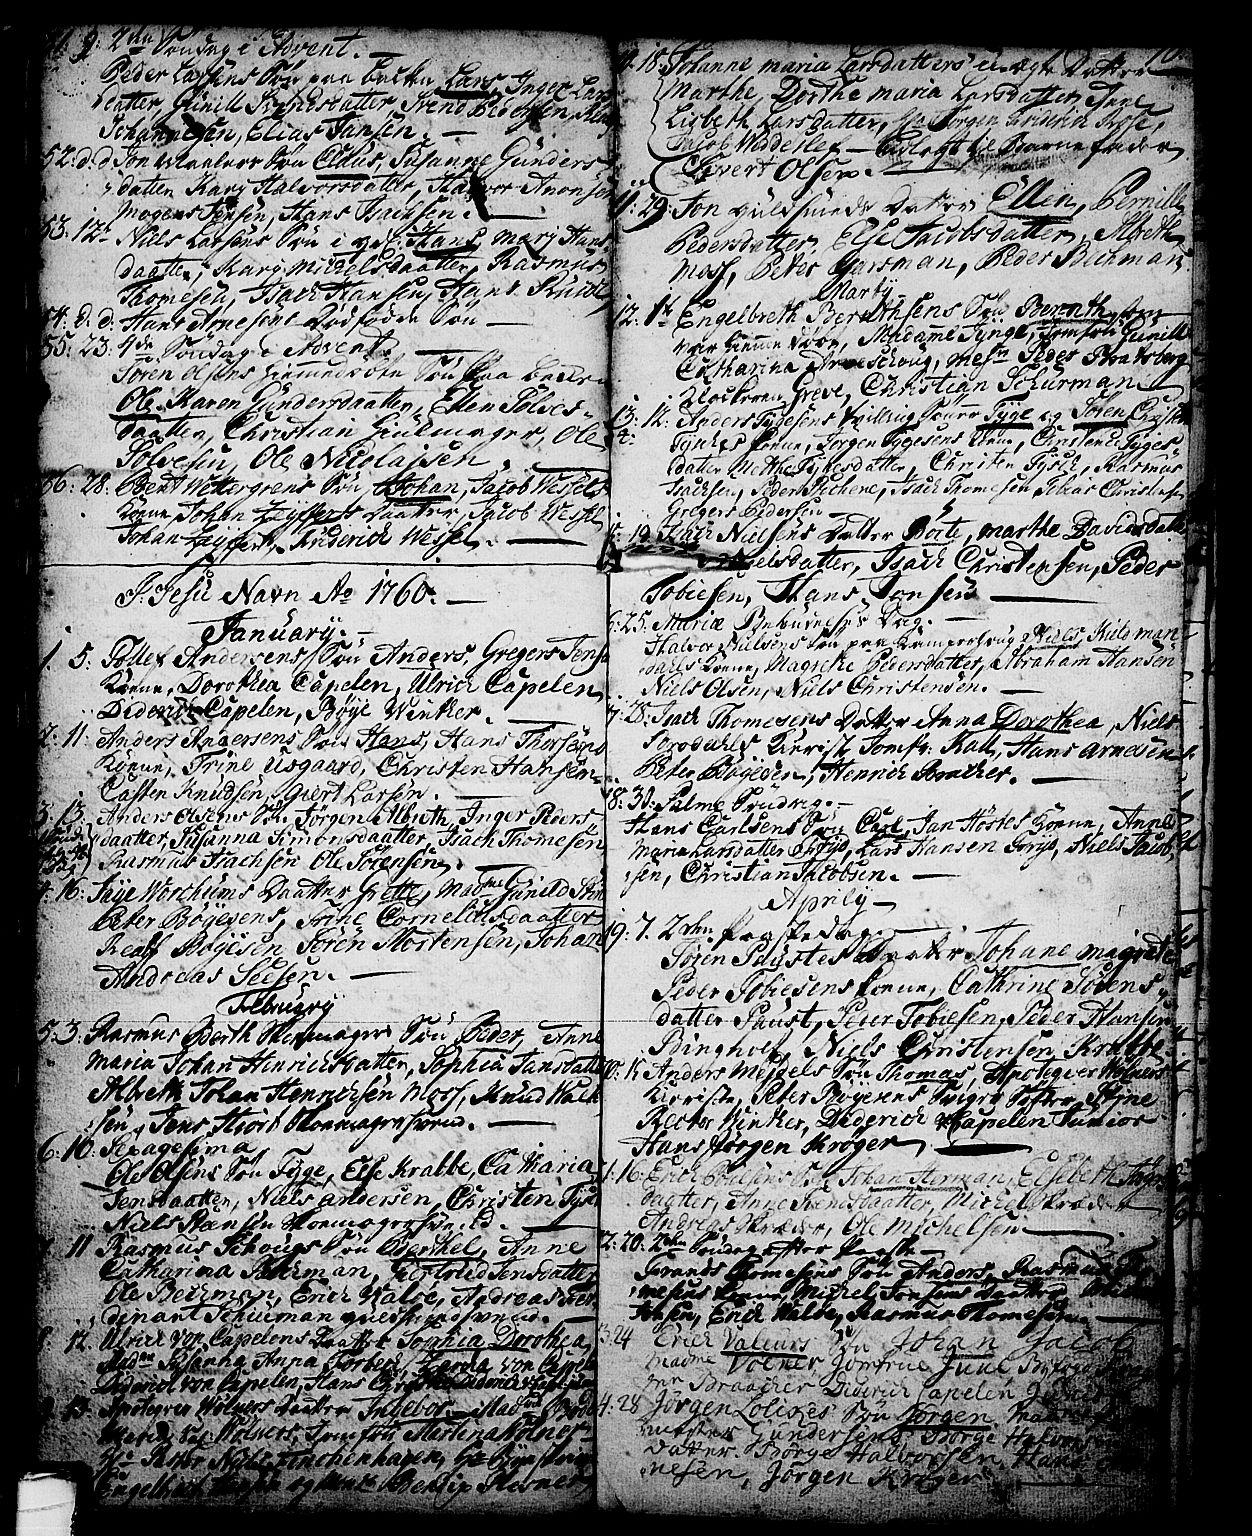 SAKO, Skien kirkebøker, G/Ga/L0001: Klokkerbok nr. 1, 1756-1791, s. 70